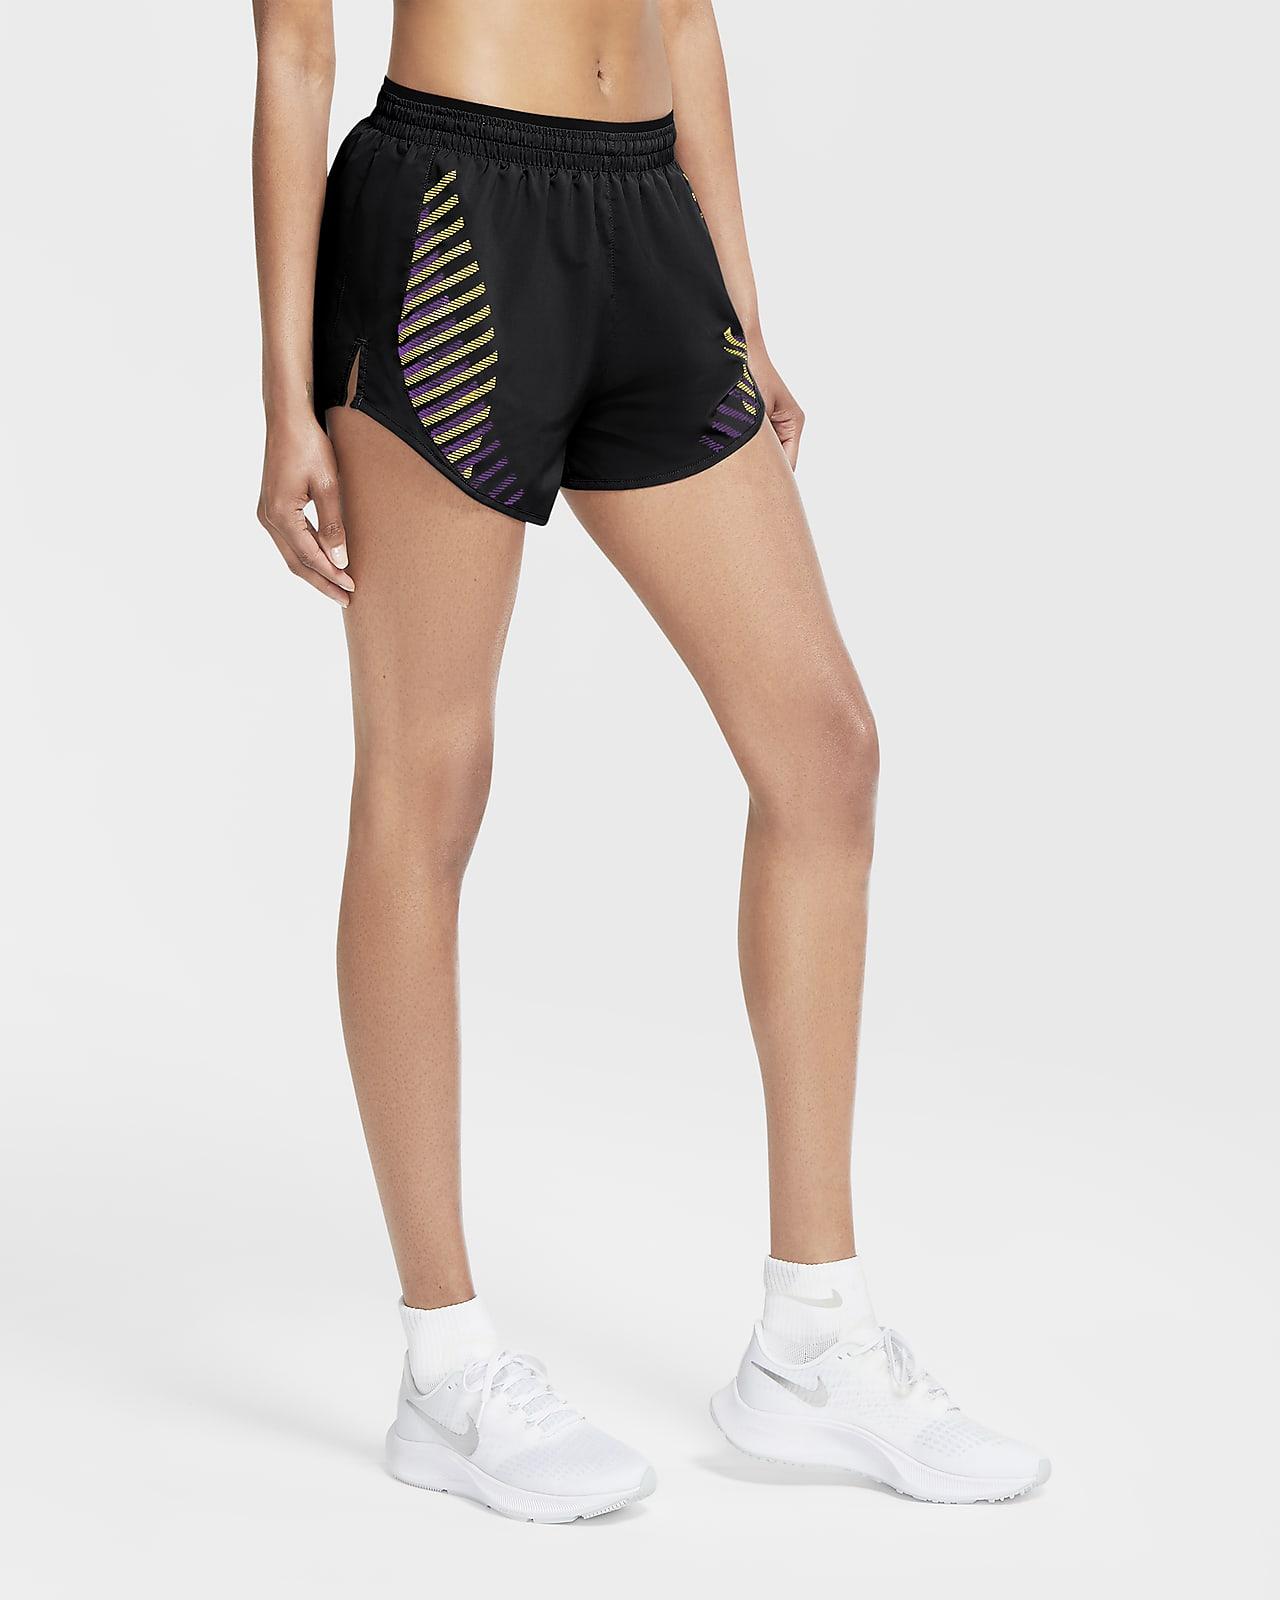 Nike Tempo Luxe Pantalón corto de running - Mujer